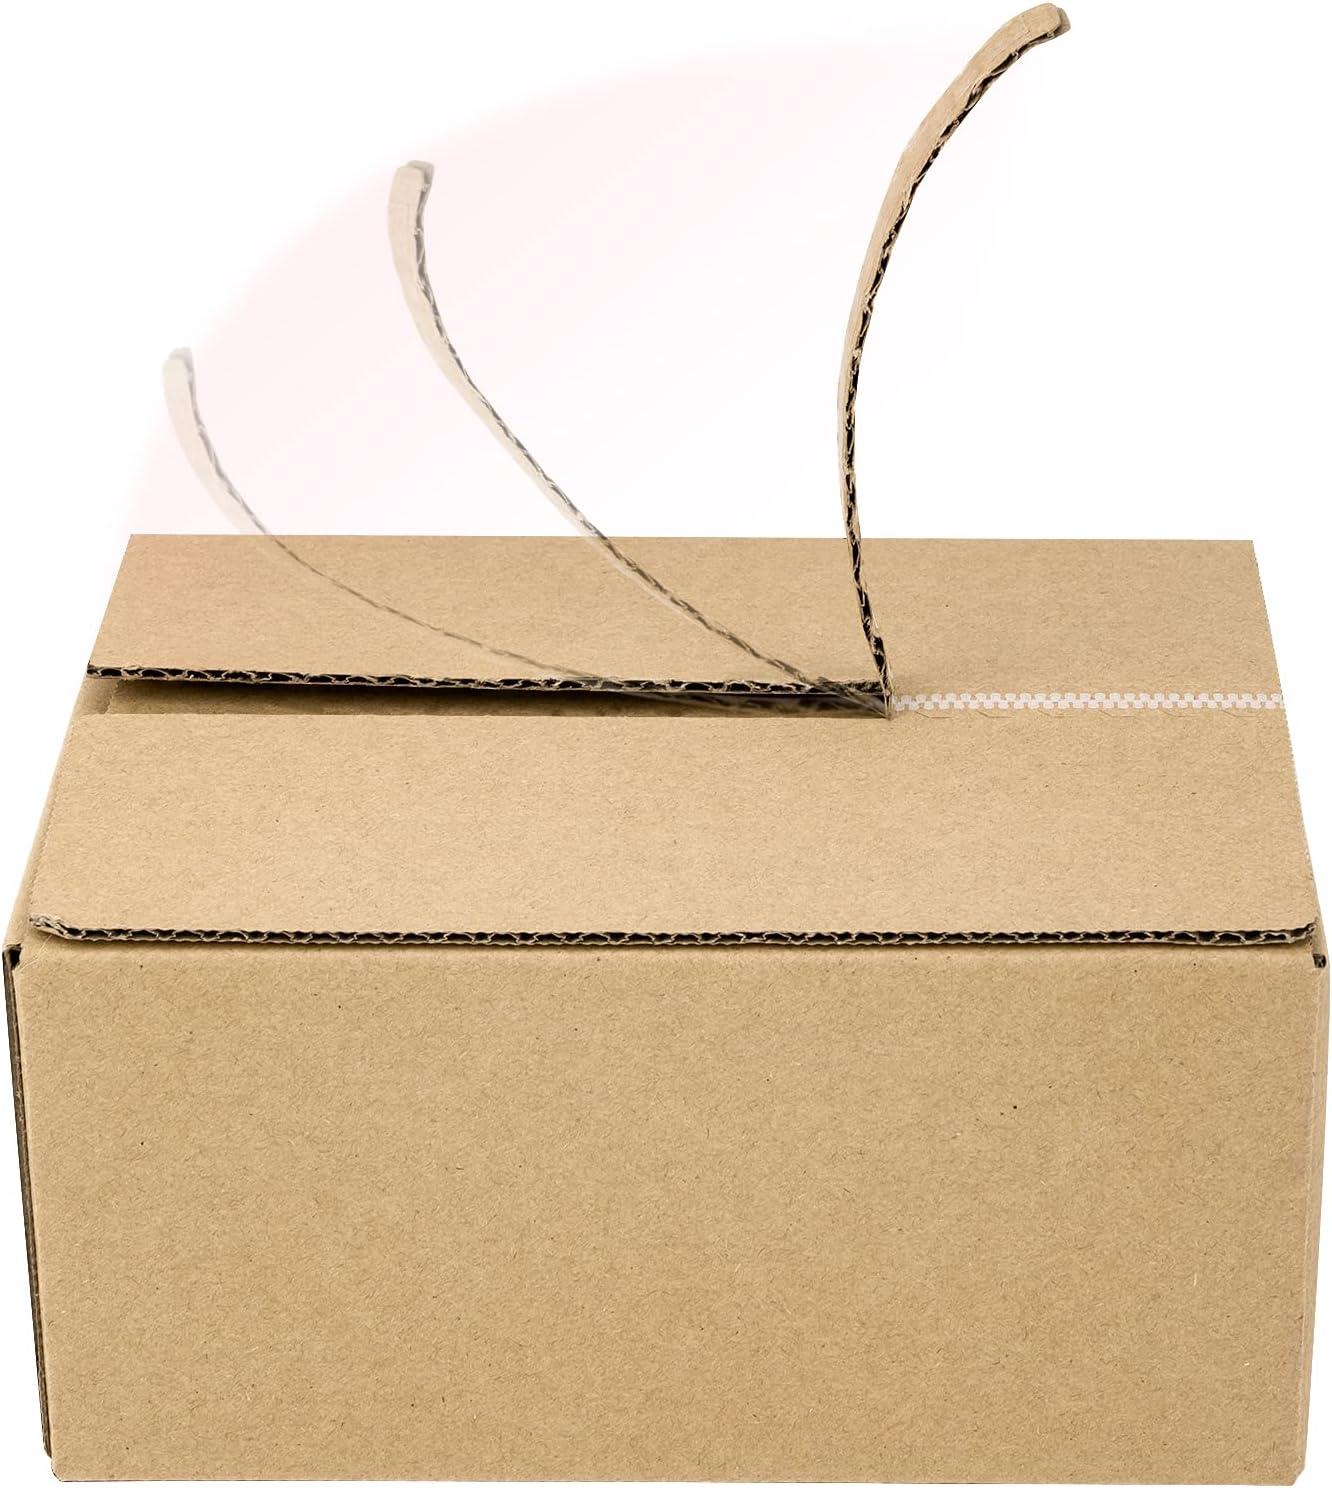 BIOBROWN Corrugated Mailer Box Zipper Stick Self for Philadelphia Mall Ranking TOP15 Design